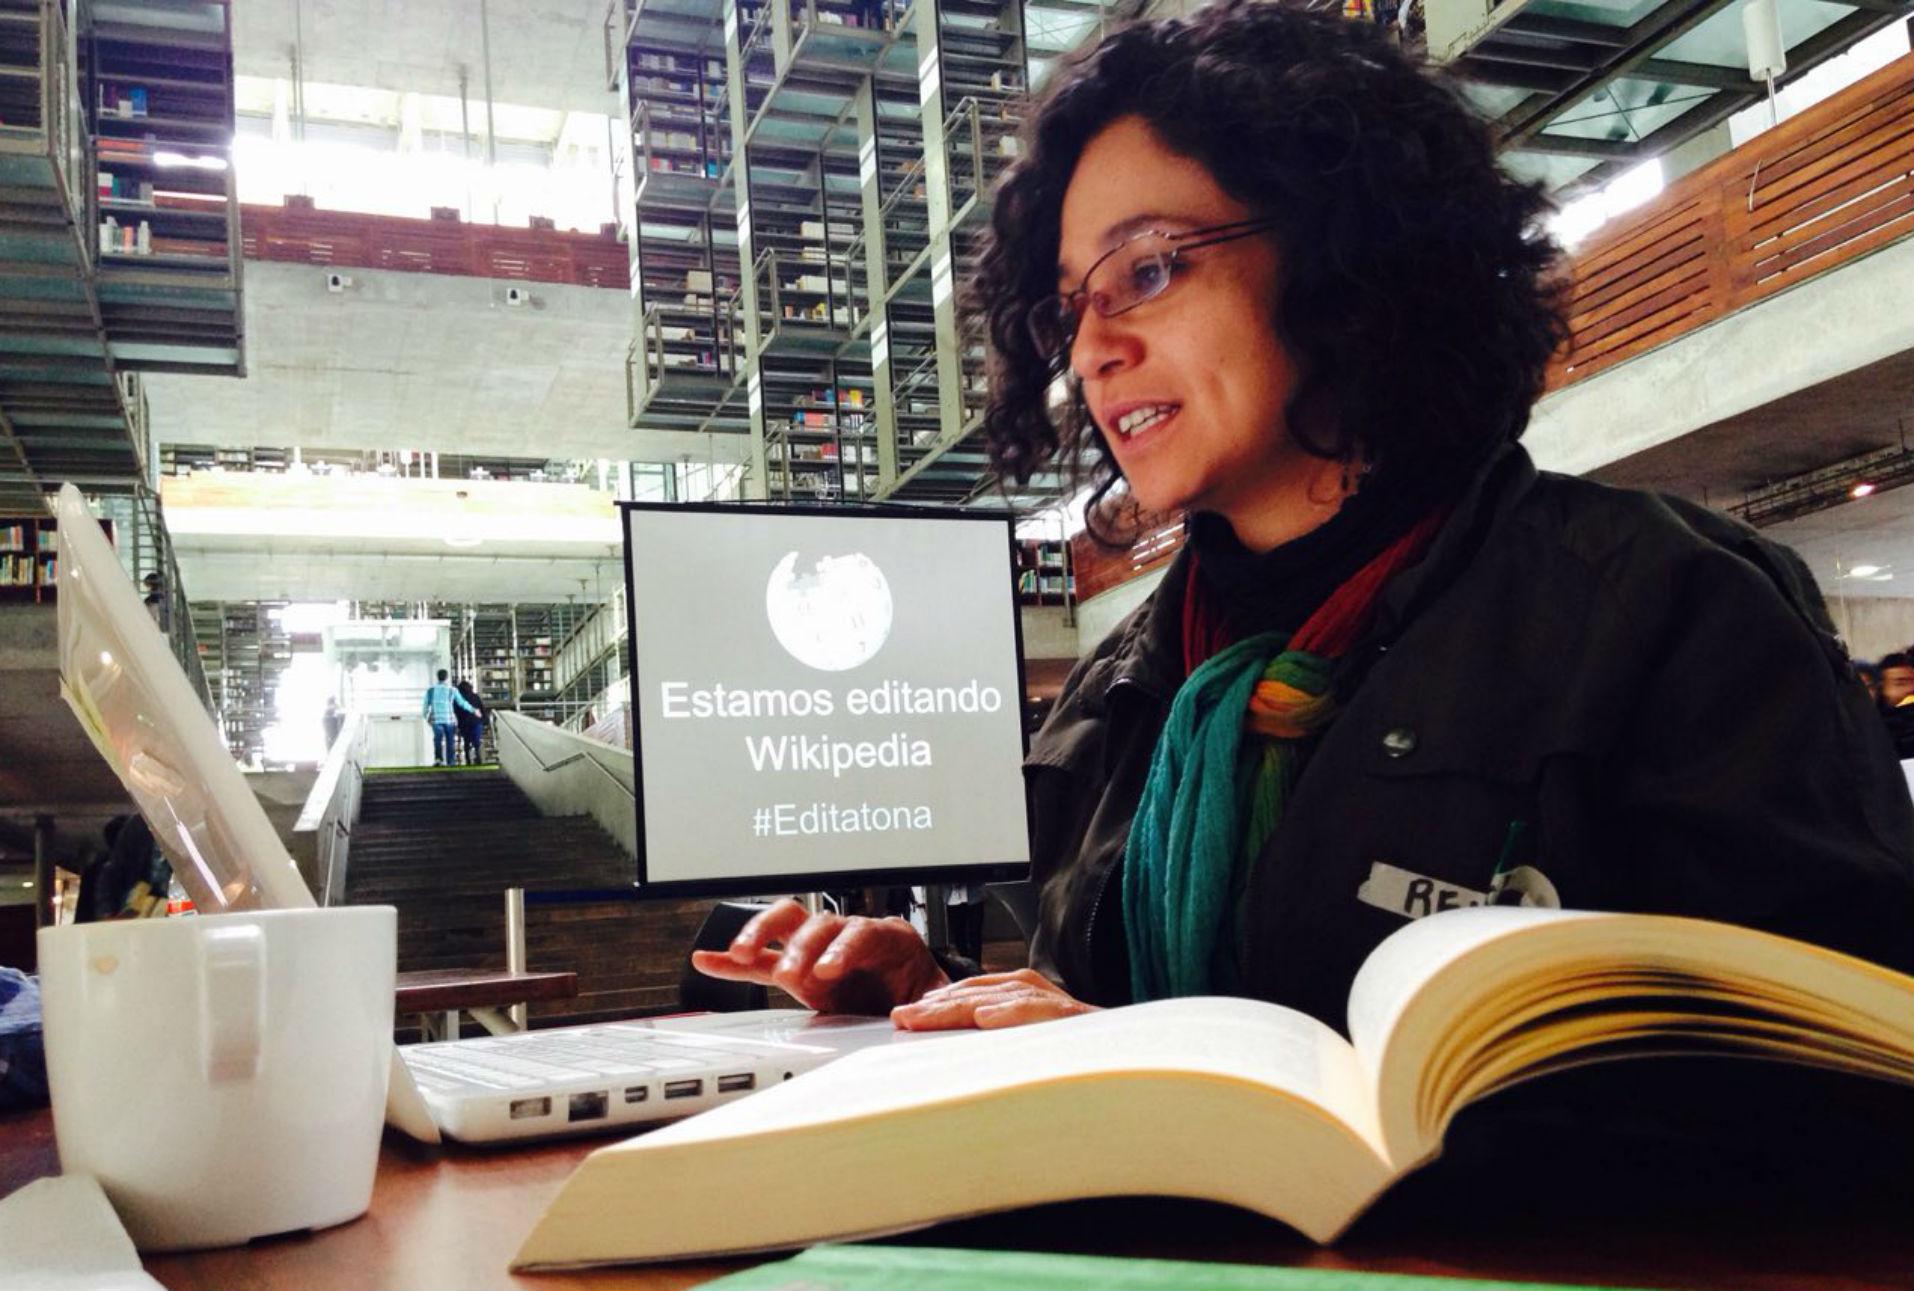 Al cumplir sus 17 años, Wikipedia aún lucha contra su brecha de género